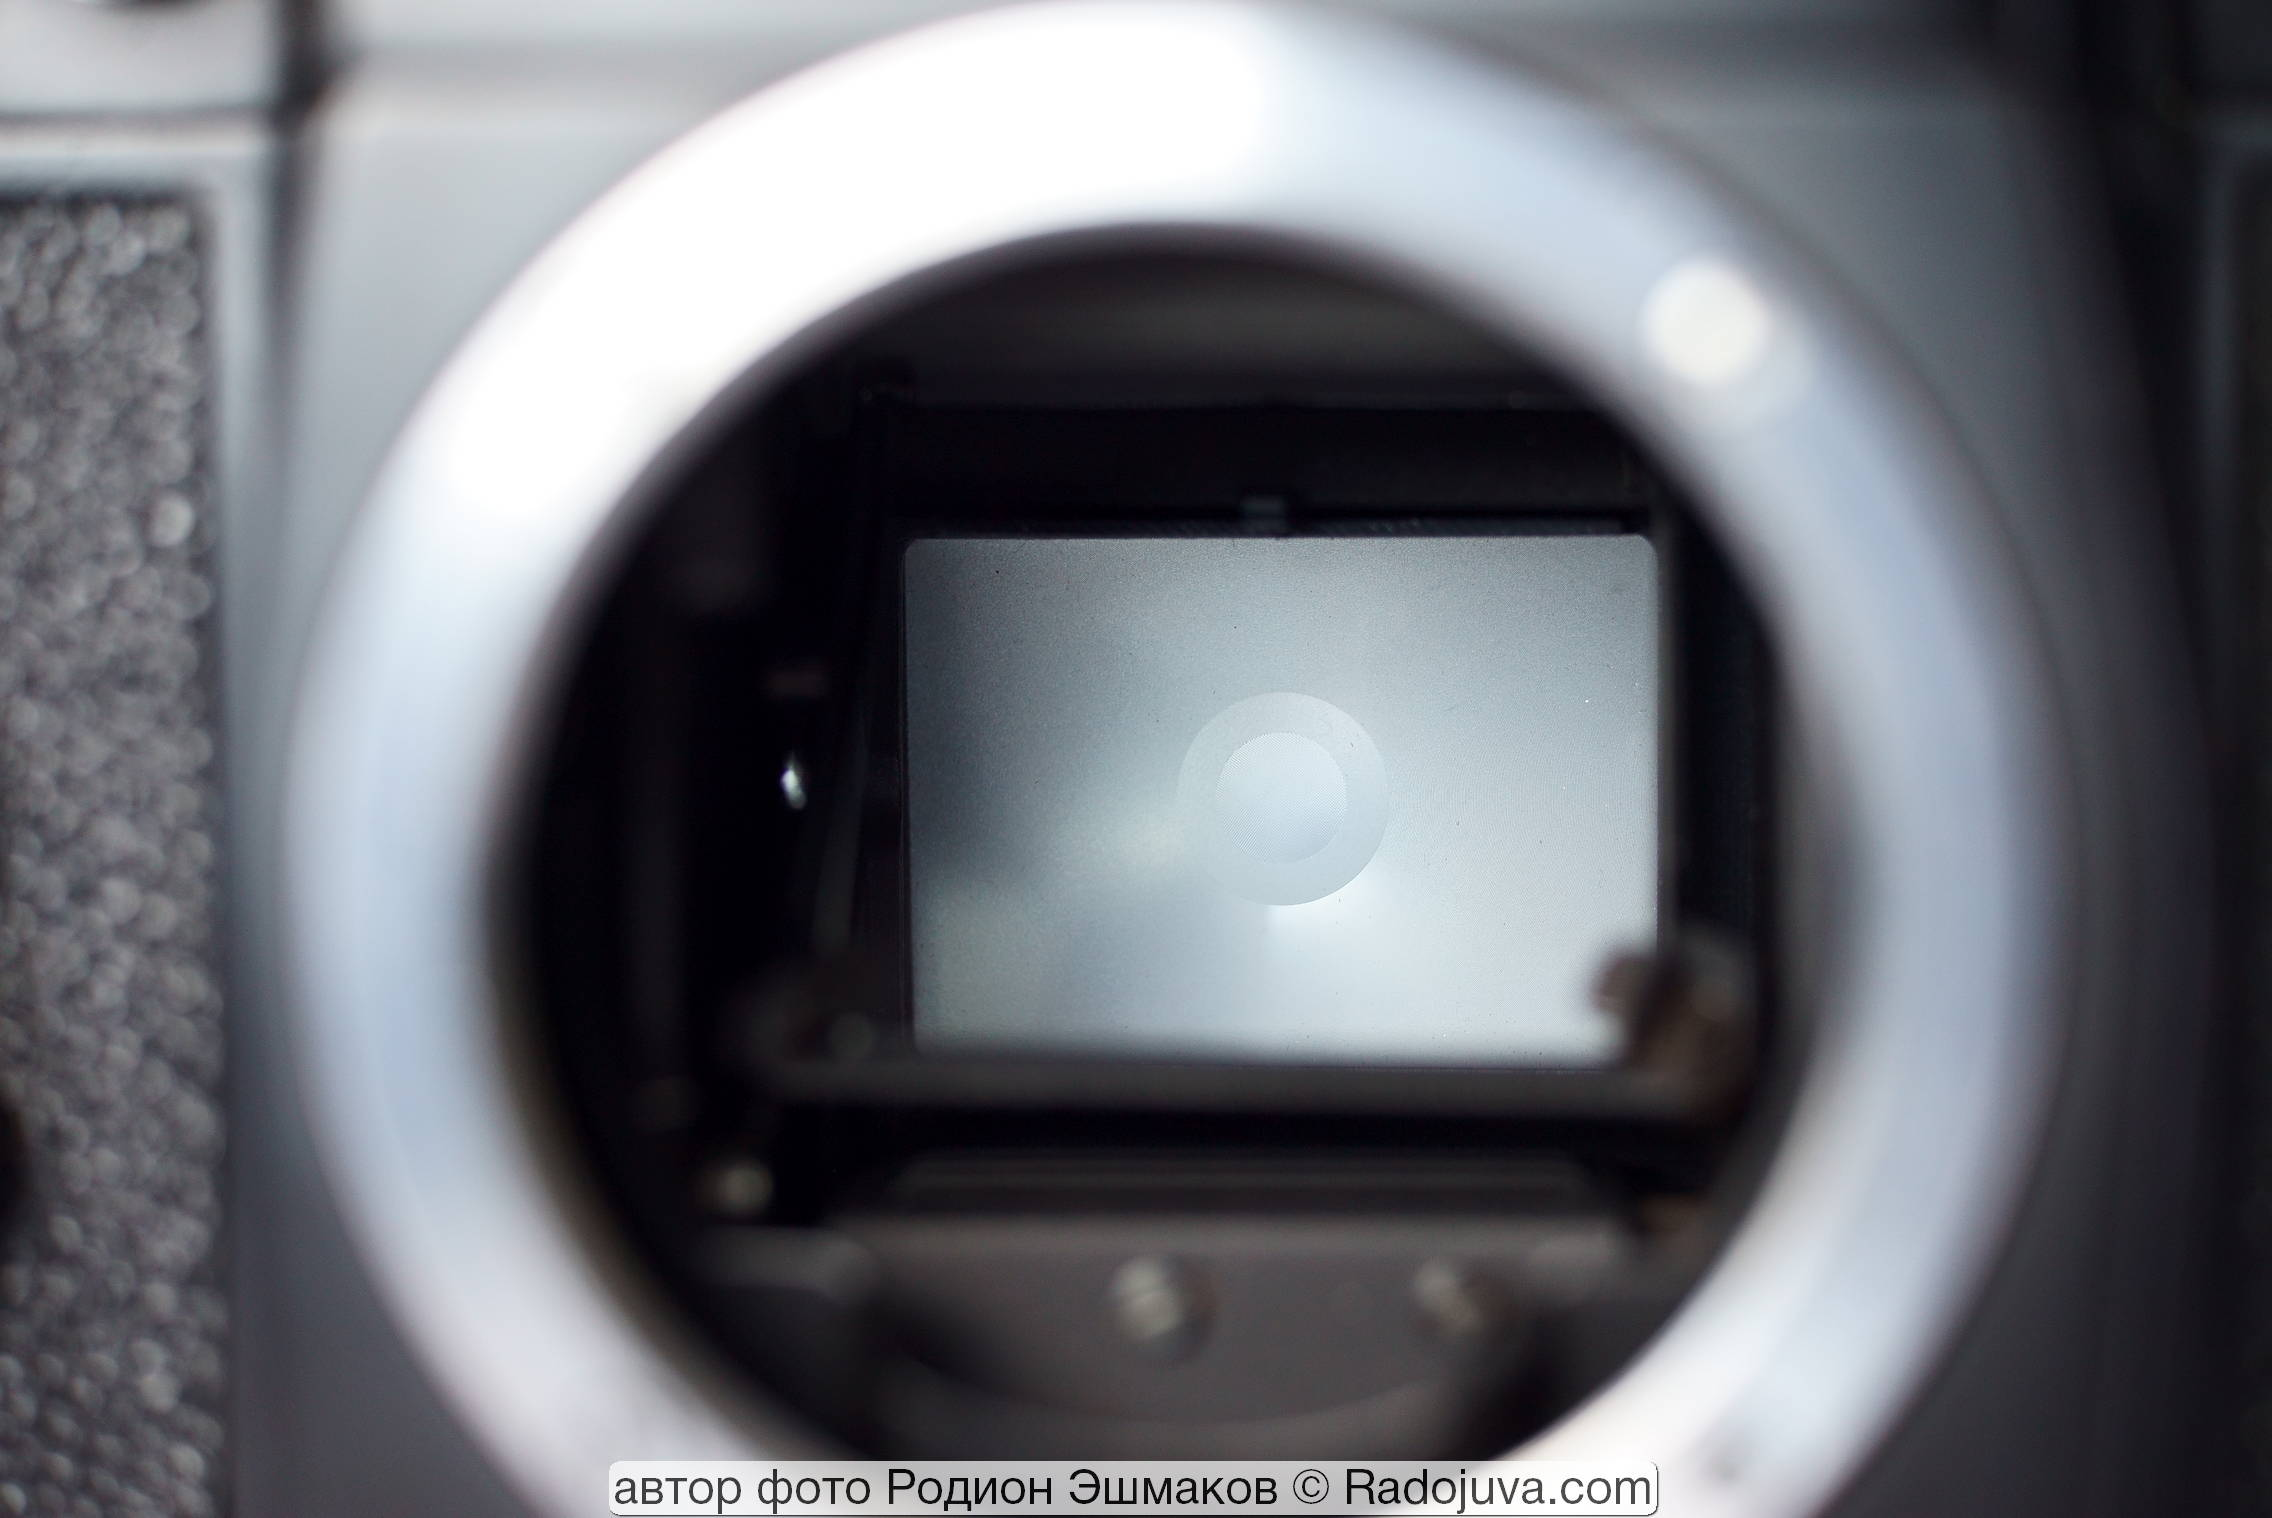 Вид фокусировочного экрана Зенит-12СД через зеркало.